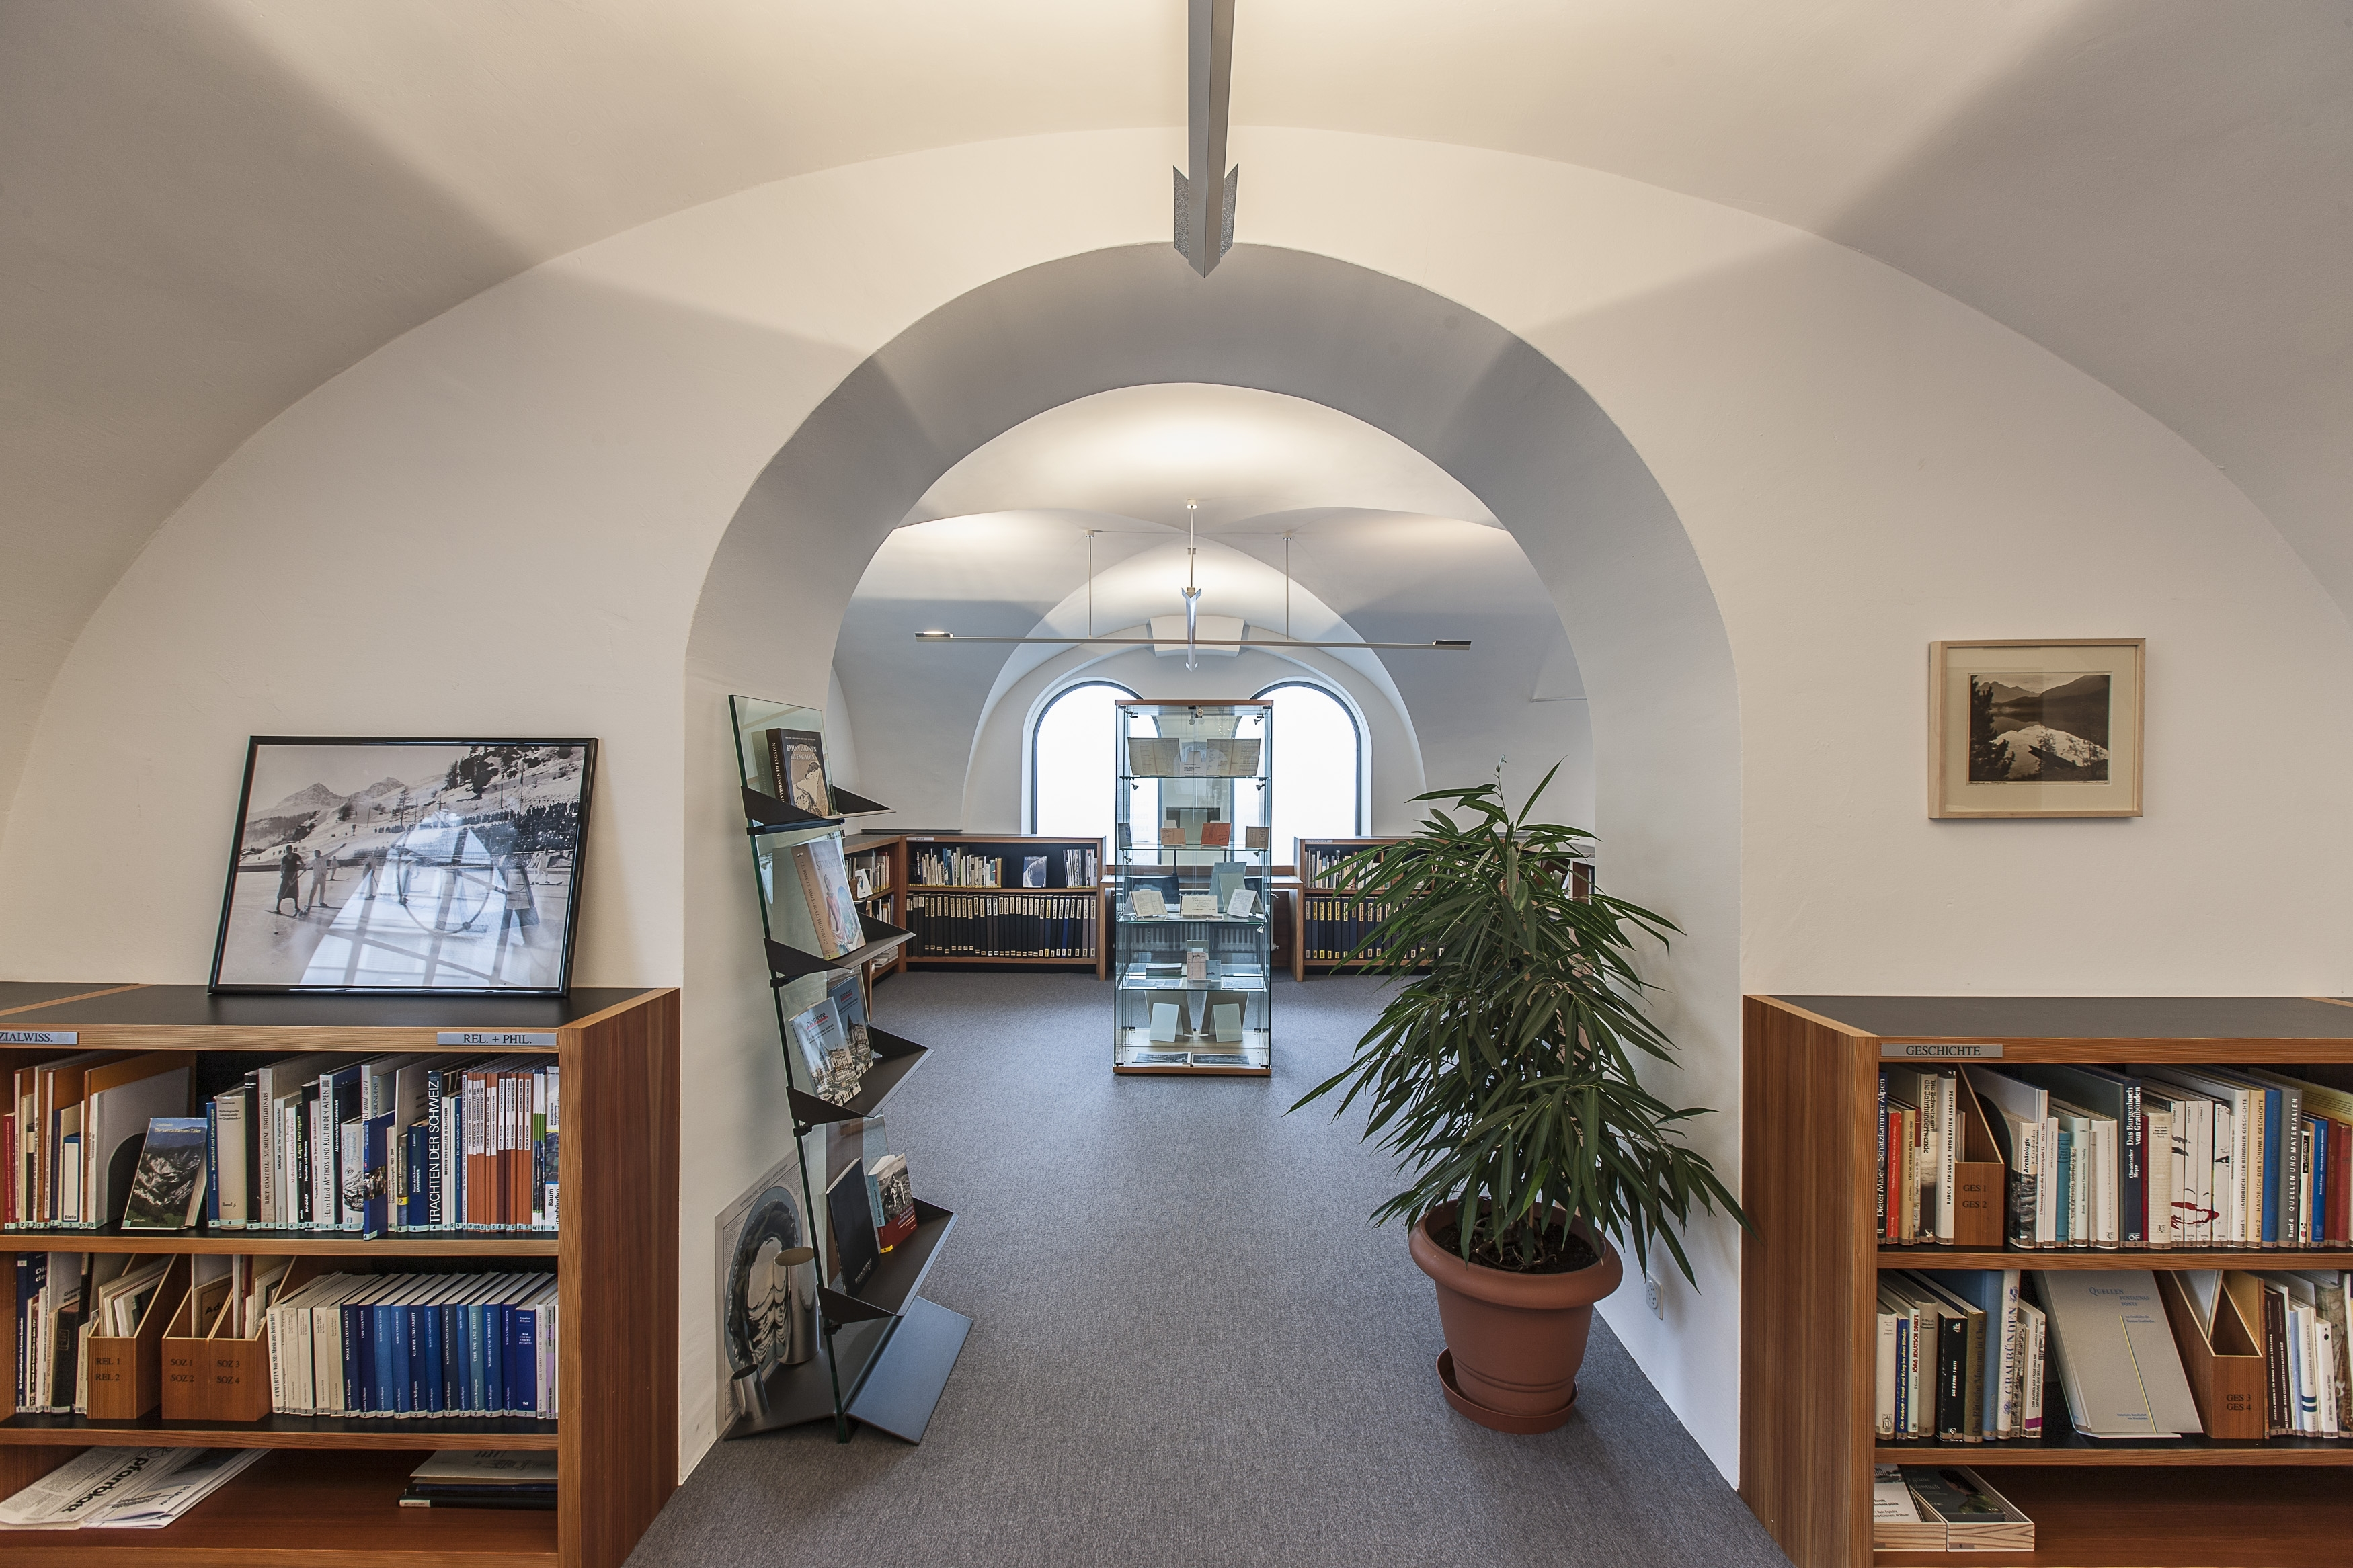 Documental library St. Moritz Slide 1